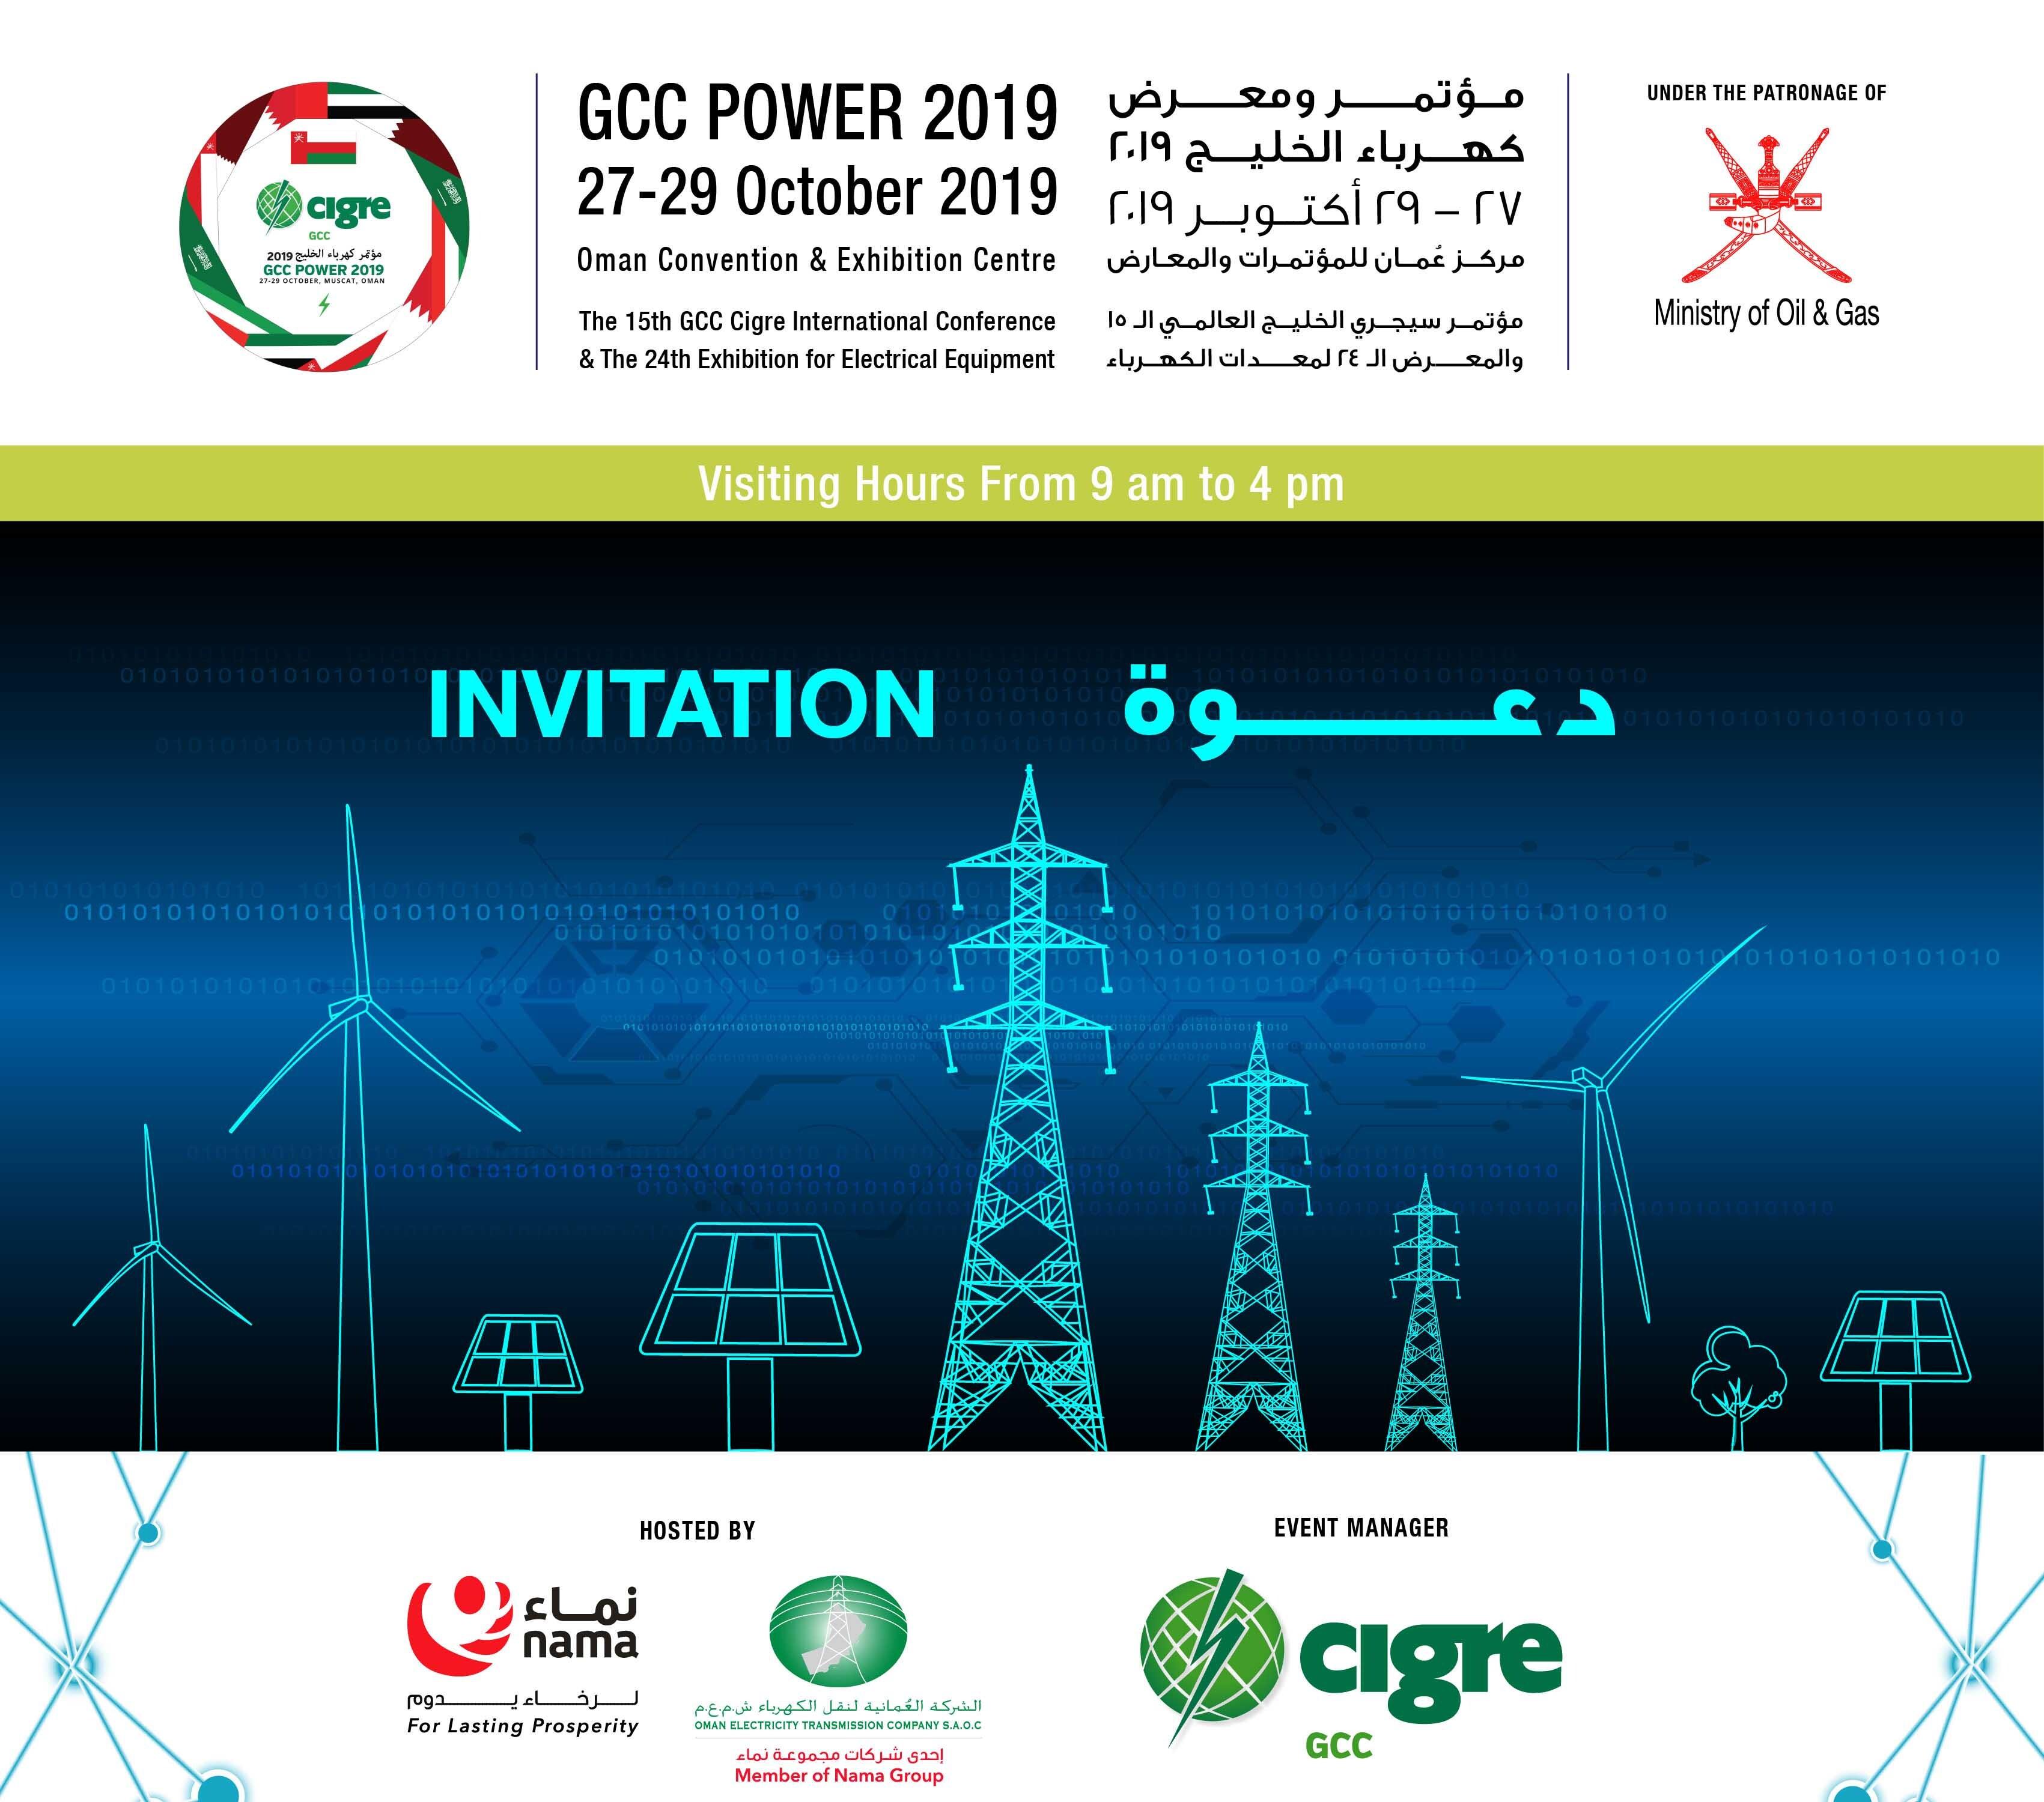 GCC - CIGRE POWER 2019 CONFERENCE